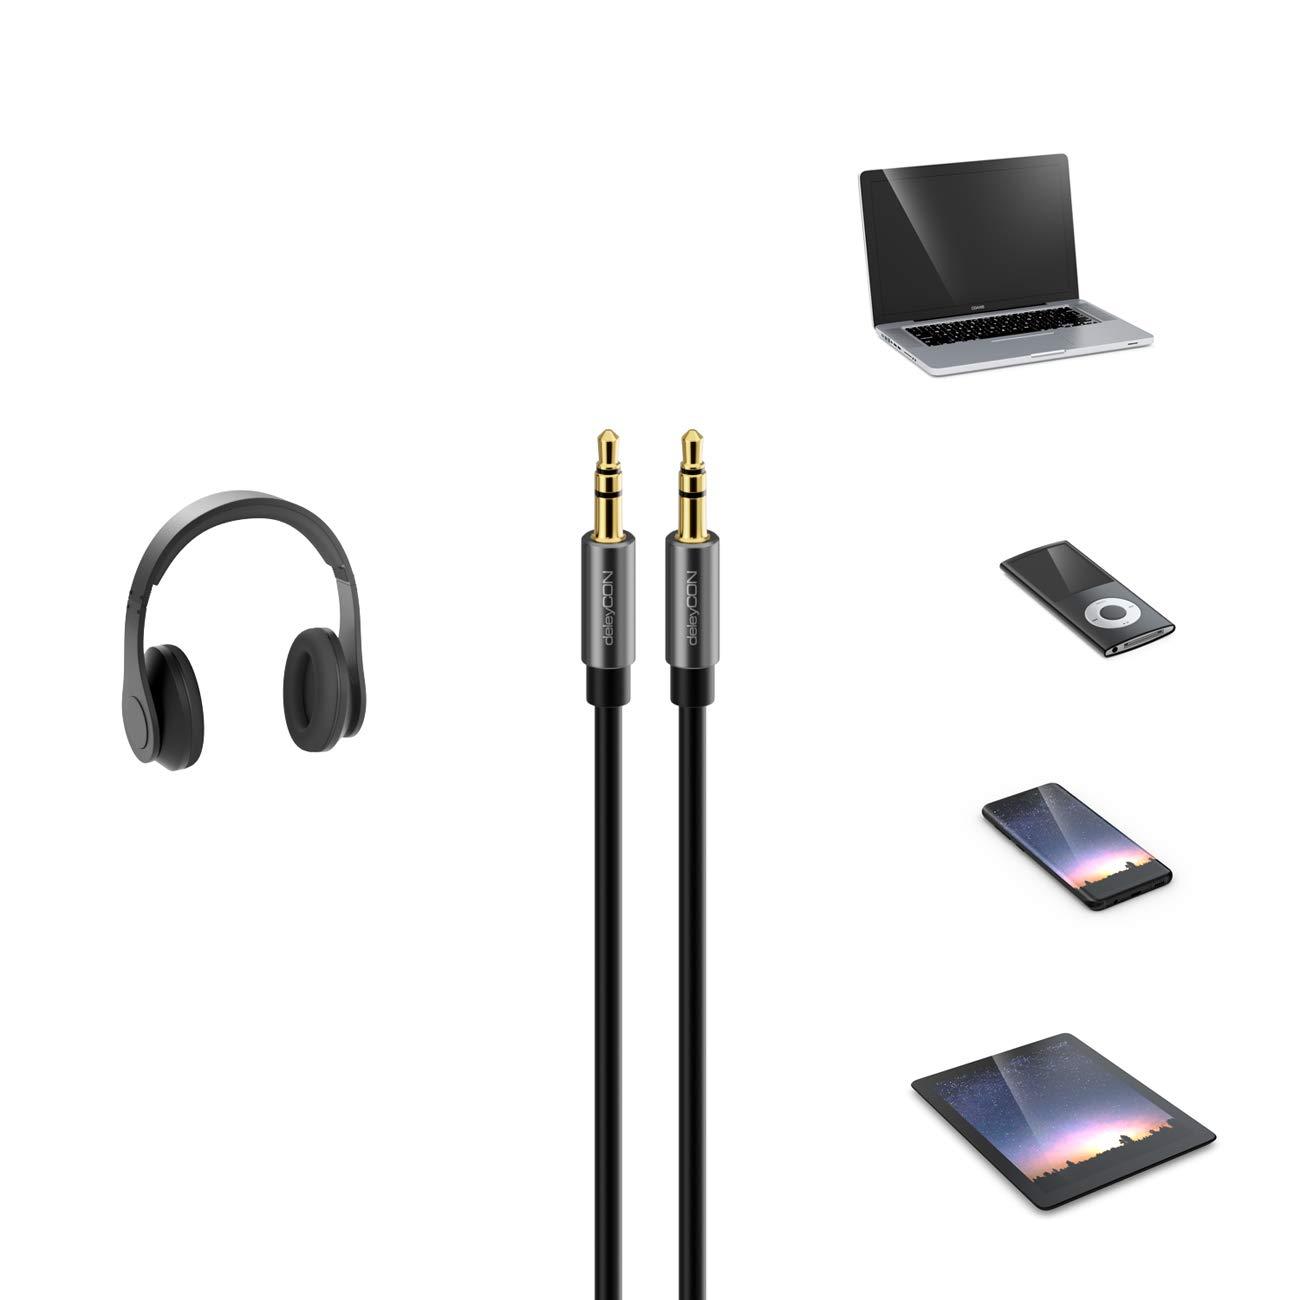 deleyCON 3m Jack Audio Stereo Cavo Aux Cavo Jack da 3,5mm Cavo Audio Spina Metallica Telefono Cellulare Smartphone Tablet Cuffia Ricevitore Hi-Fi